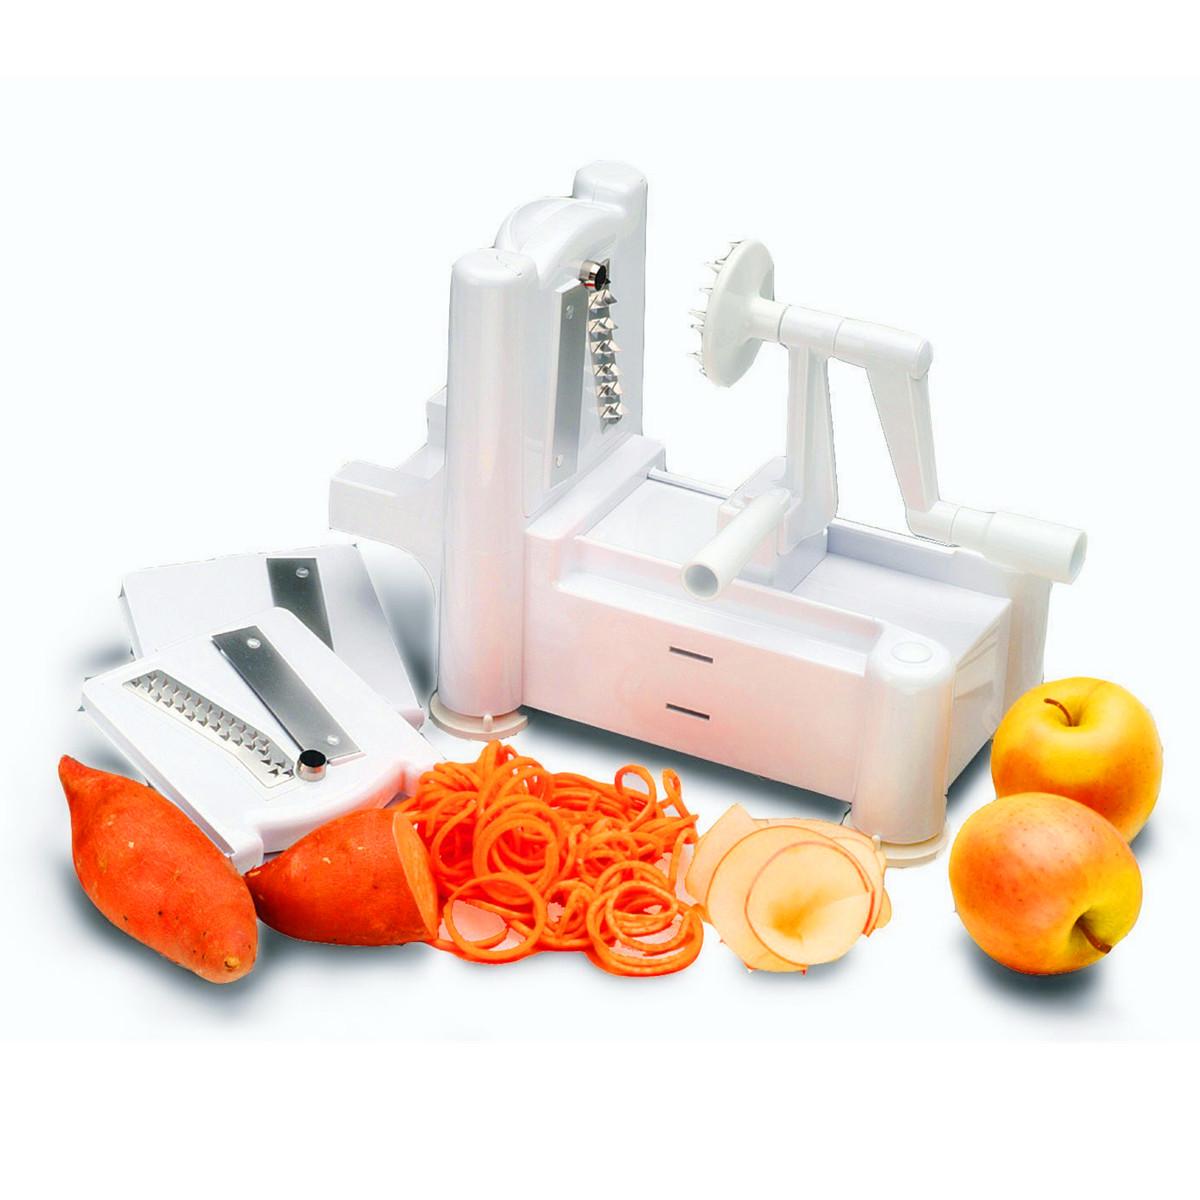 3In1 Spiral Slicer Spiralizer Vegetable Fruit Chopper ...